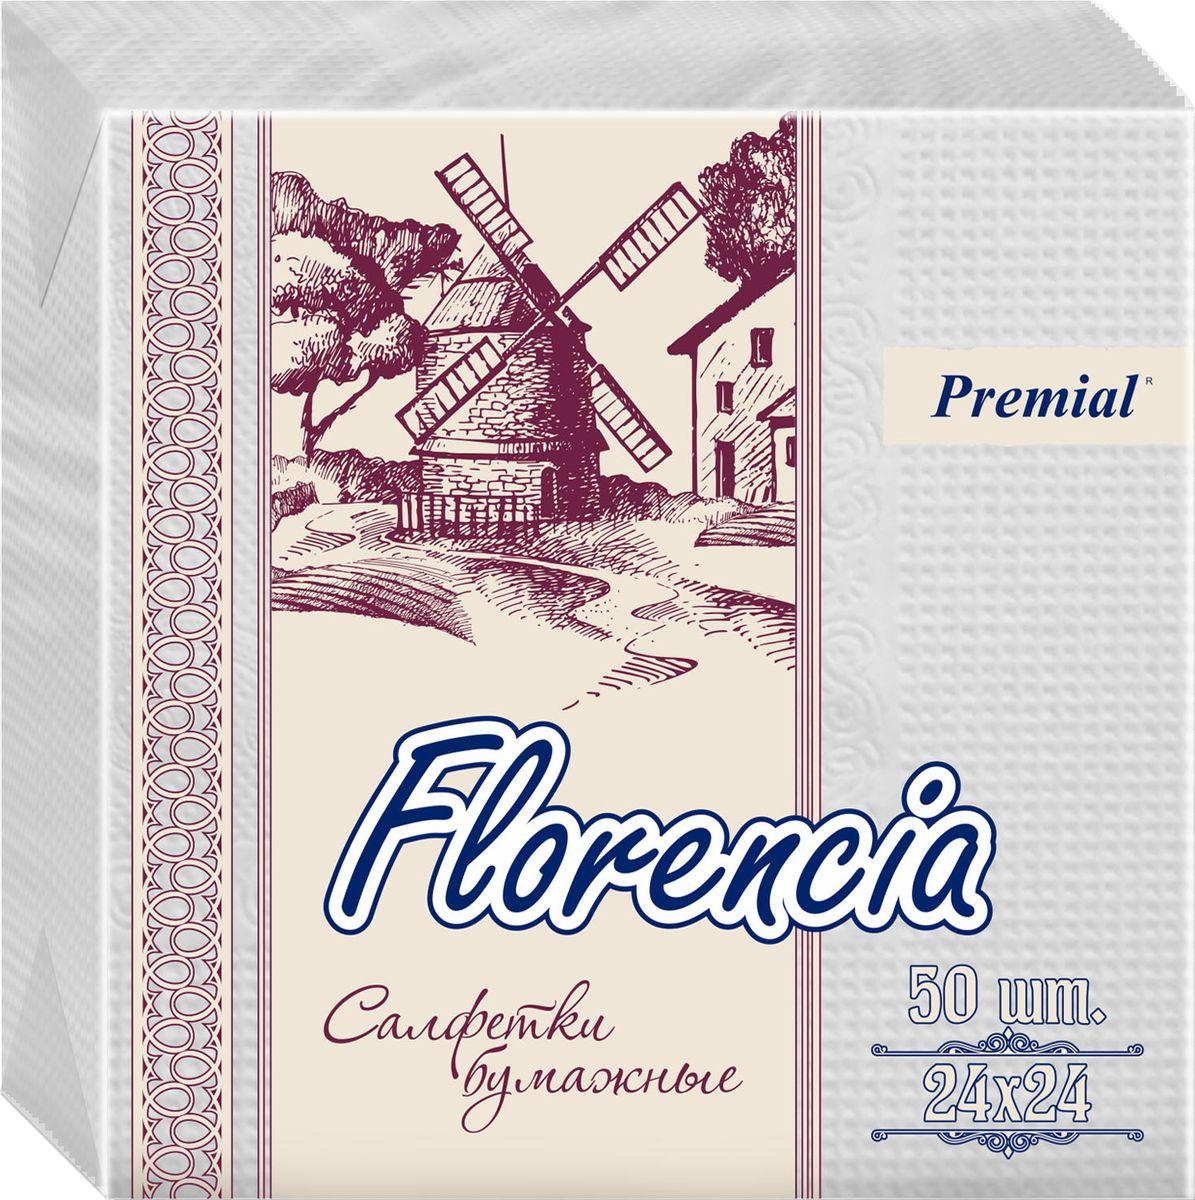 Premial Florencia Салфетки декоративные двухслойные белые, 50 шт